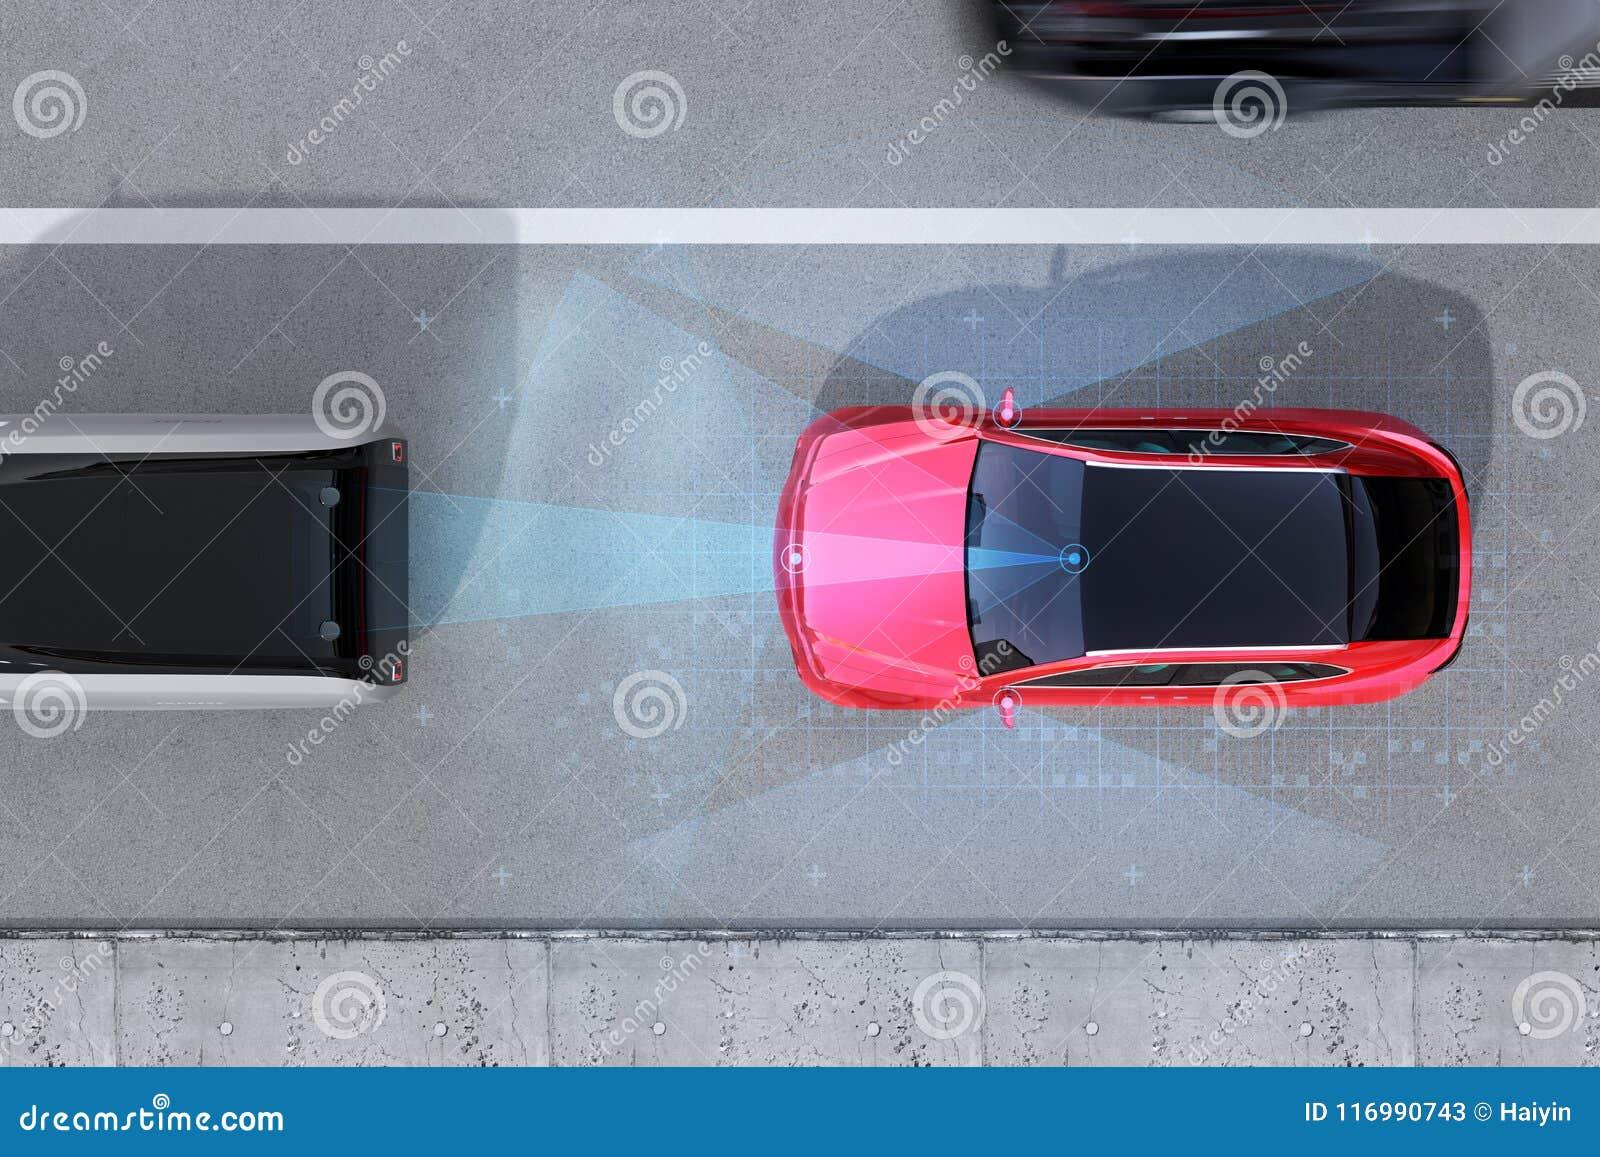 刹车红色SUV的紧急状态鸟瞰图避免车祸